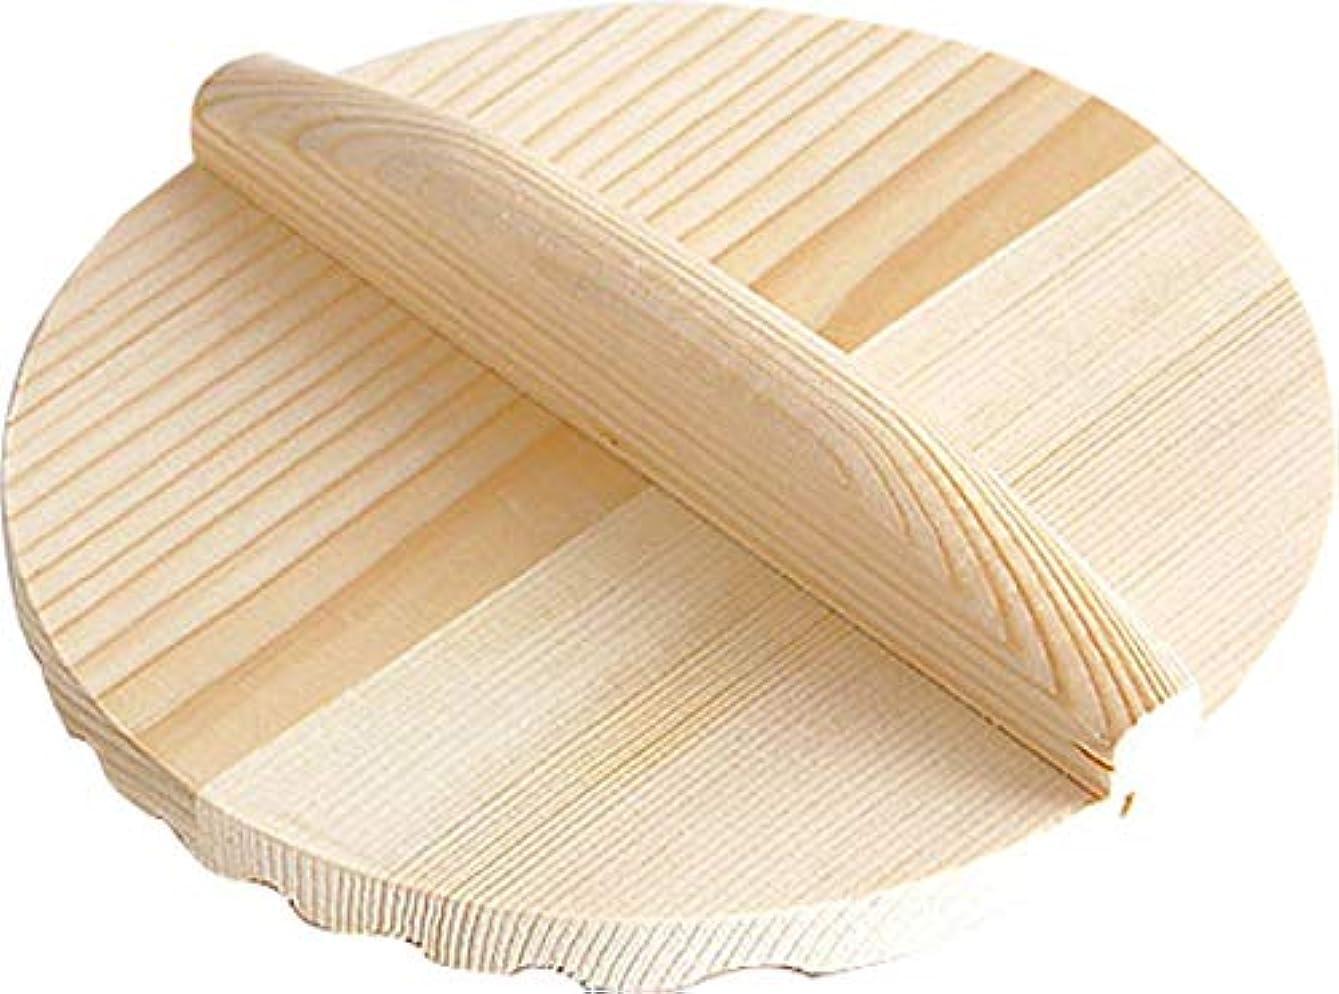 エージェントレビュー報酬のヤマコー 木製 あく取り落し蓋(杉材) 16cm AOT0616